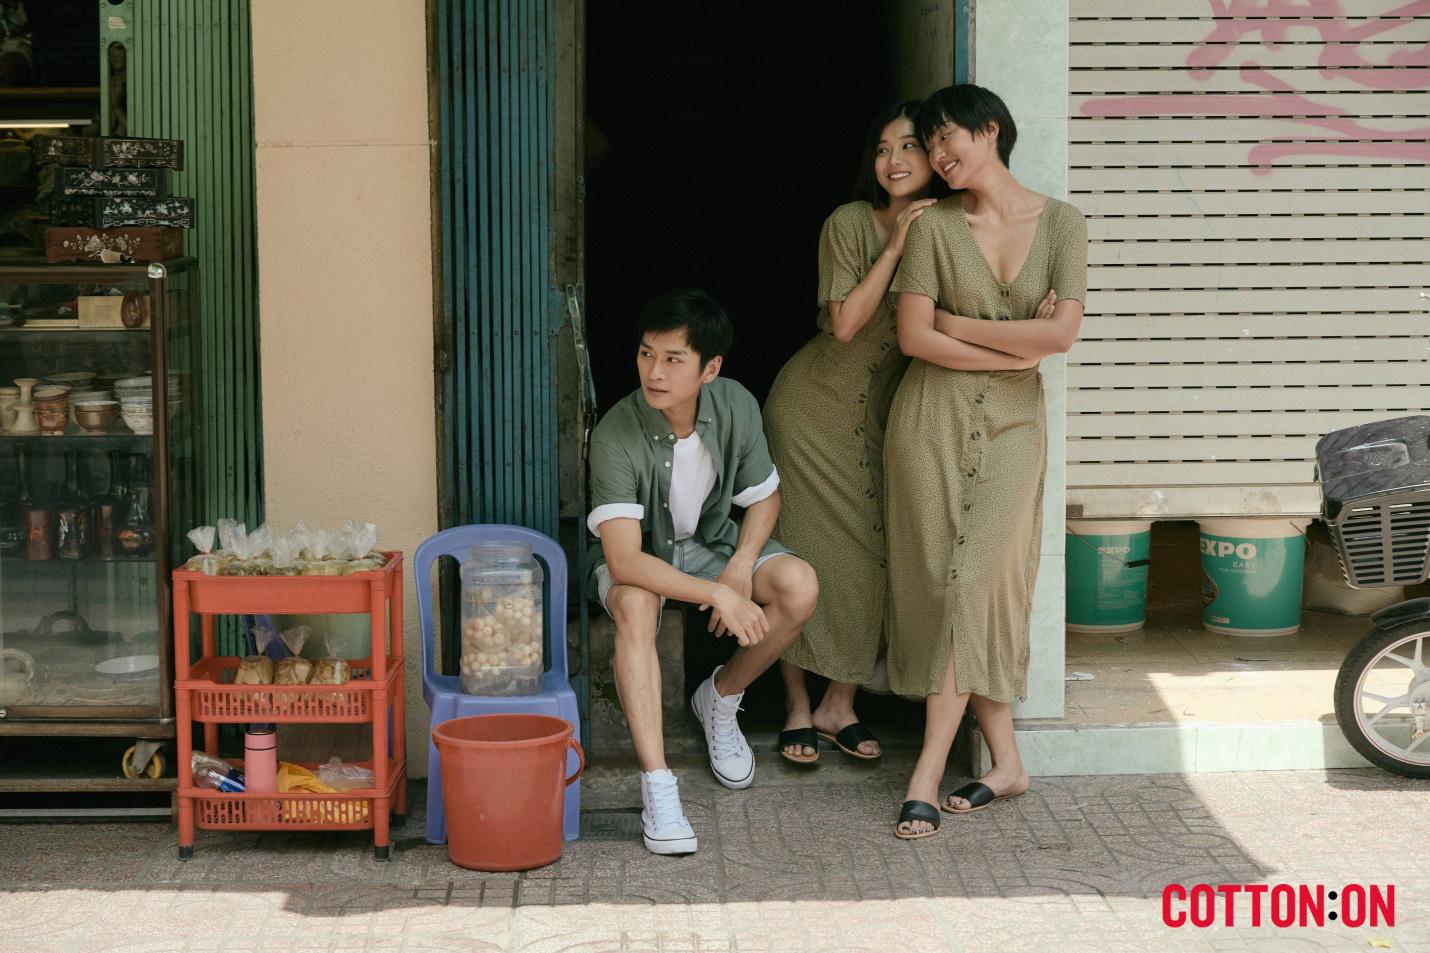 """Có một Sài Gòn của COTTON:ON dung dị và thân thương đến thế qua bộ ảnh """"Hello Saigon"""" - Ảnh 5."""